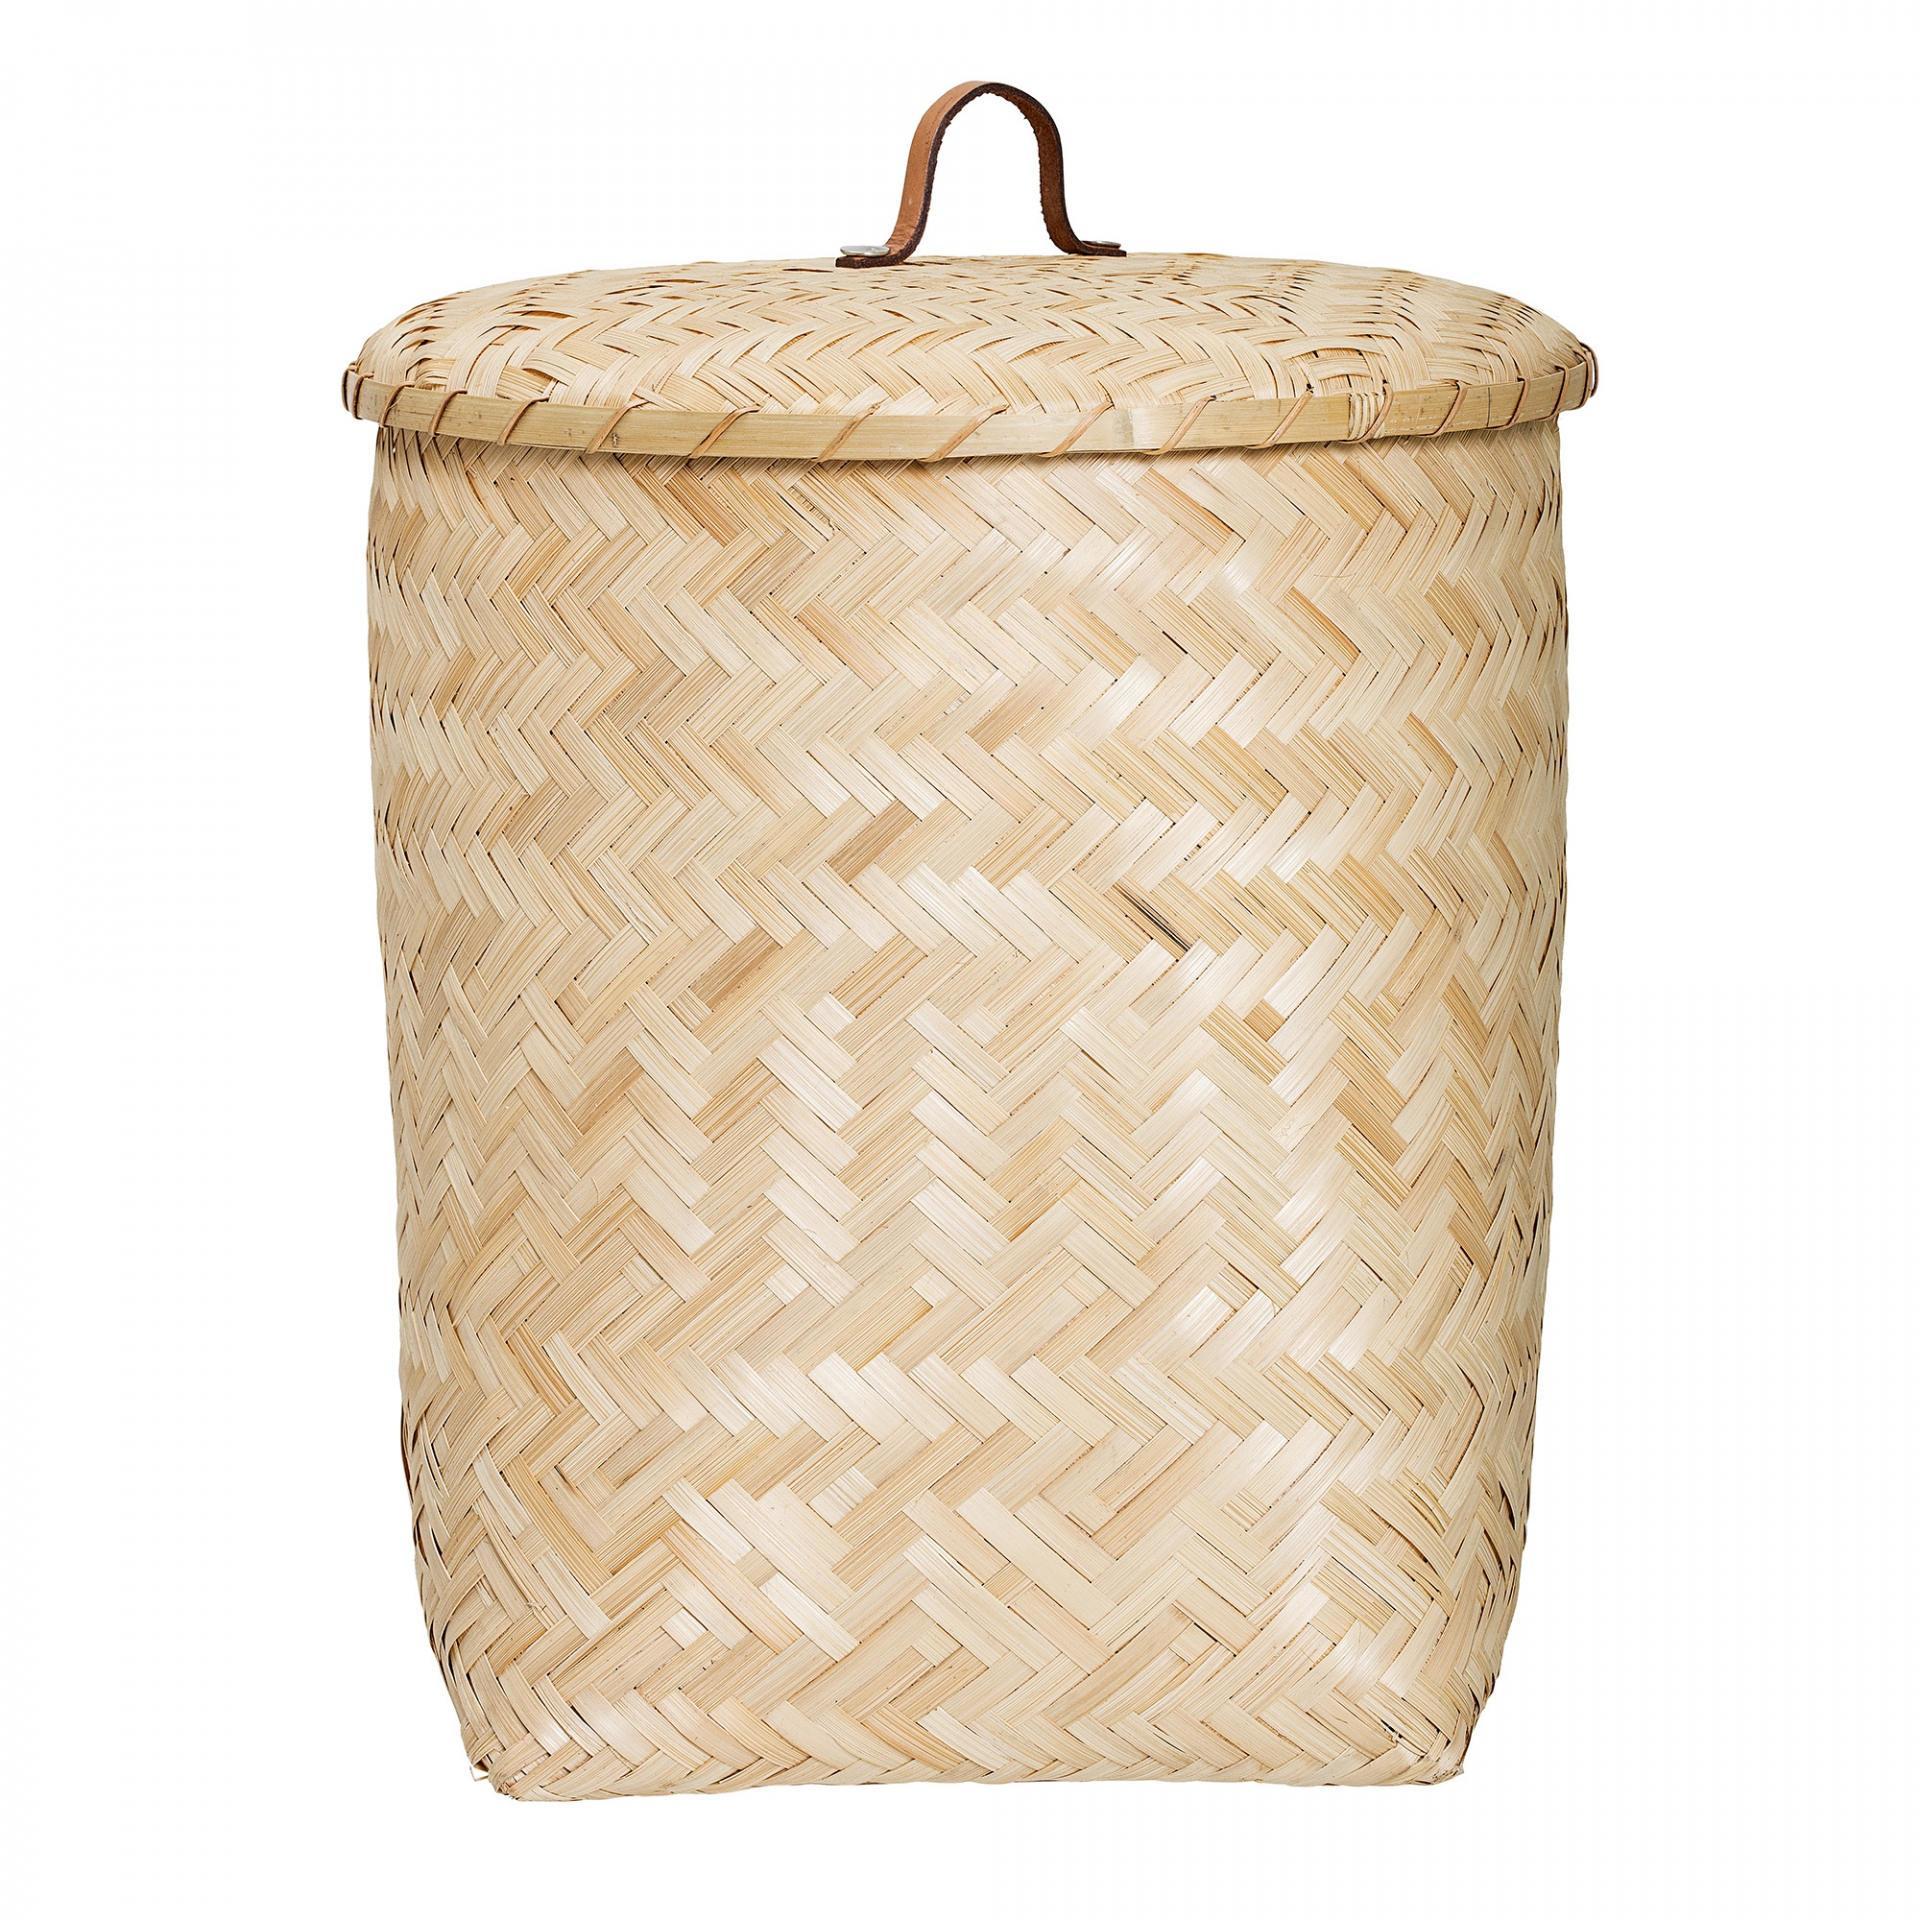 Bloomingville Bambusový koš s víkem Natural, béžová barva, hnědá barva, přírodní barva, dřevo